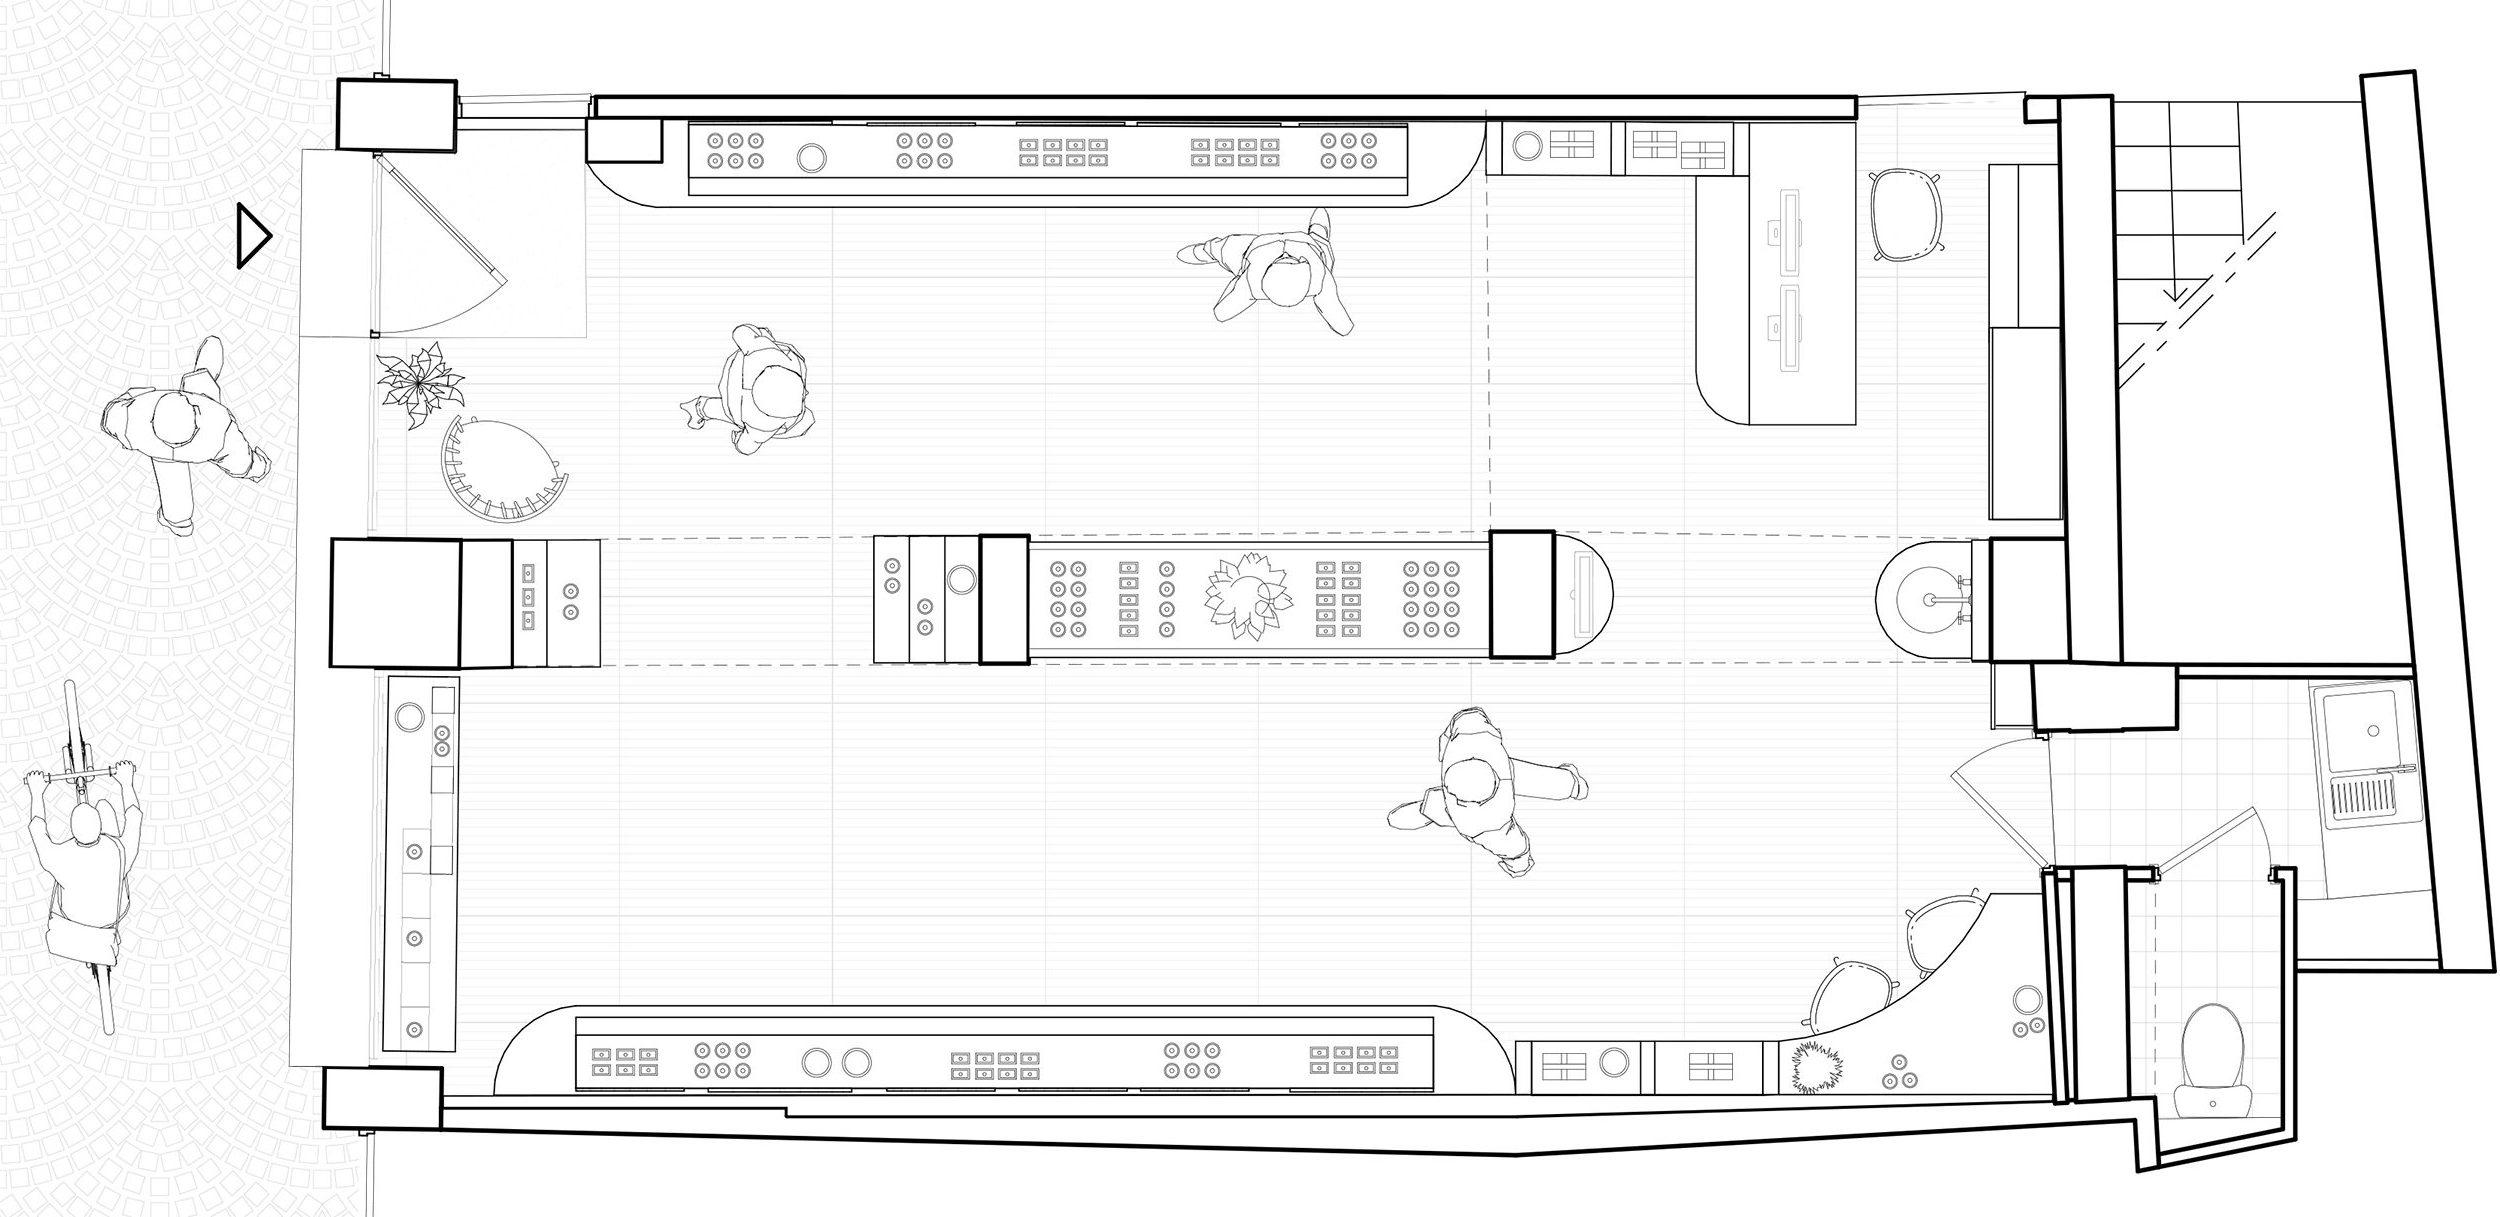 Plan d'organisation intérieur montrant la disposition des présentoirs en périphérie du local et un meuble bas central.